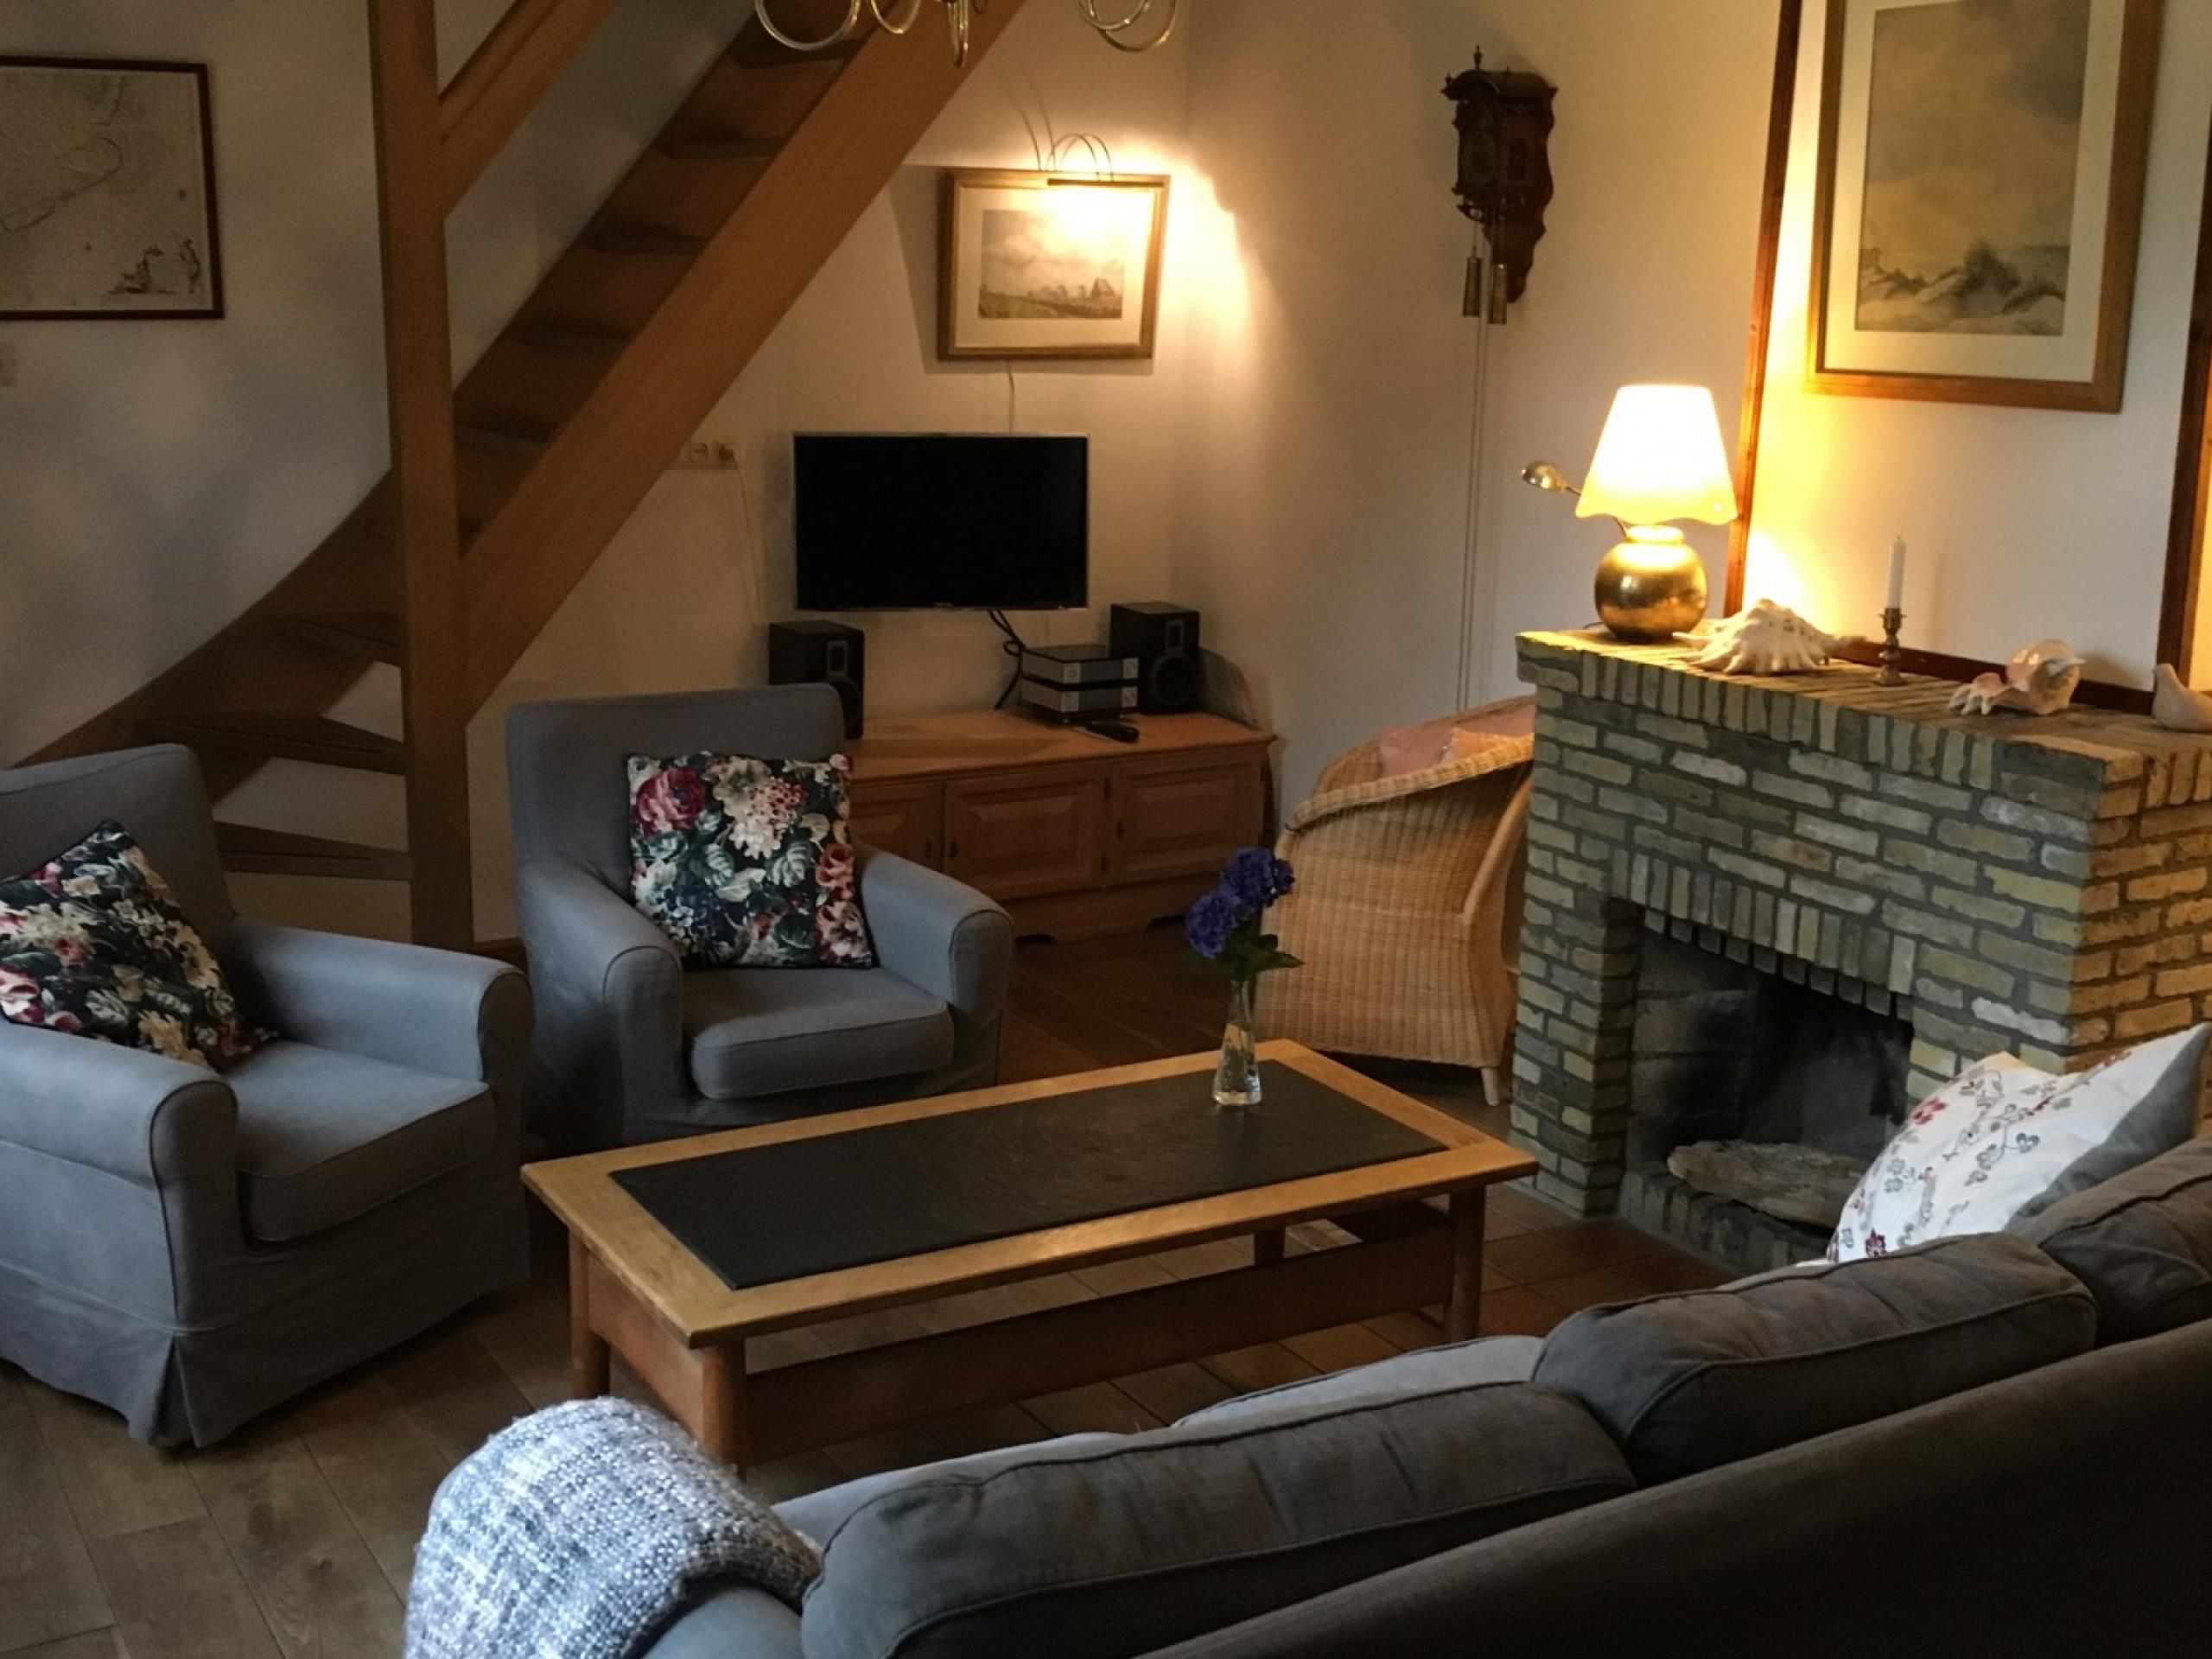 Wohnung in einem historischen attraktiven Bauernhaus etwas außerhalb von De Koog